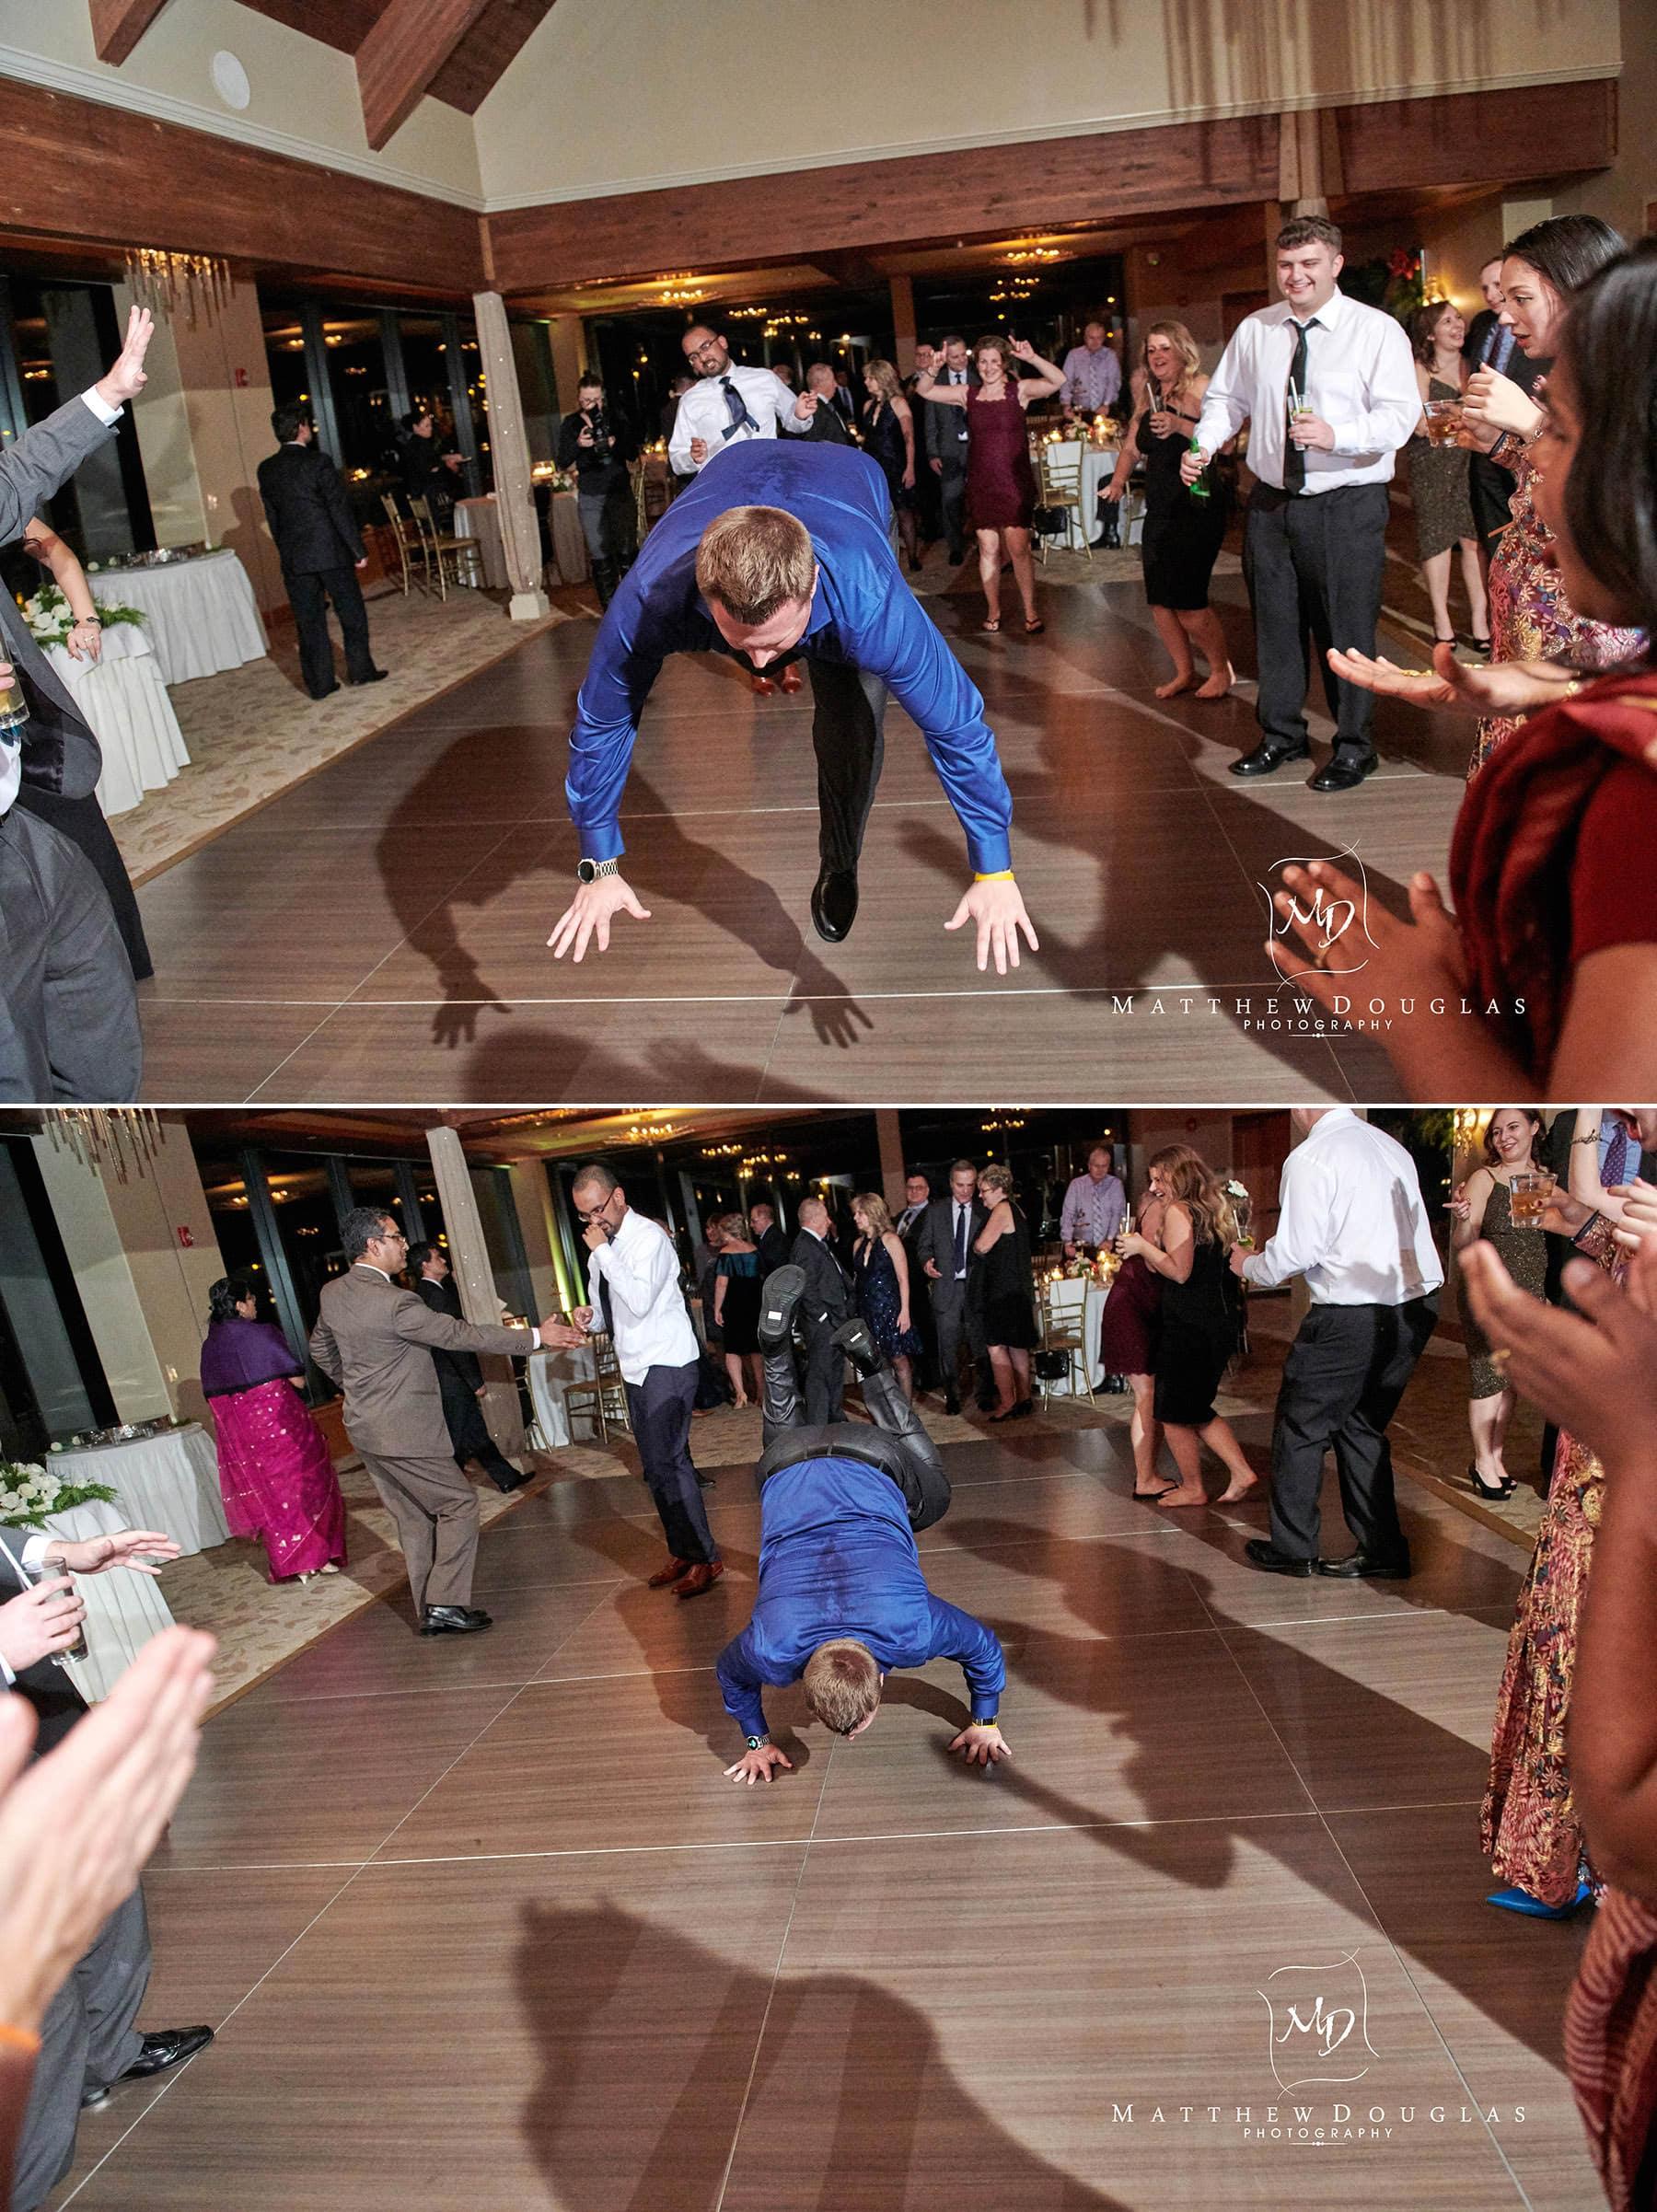 lambertville station inn wedding guest dancing photo